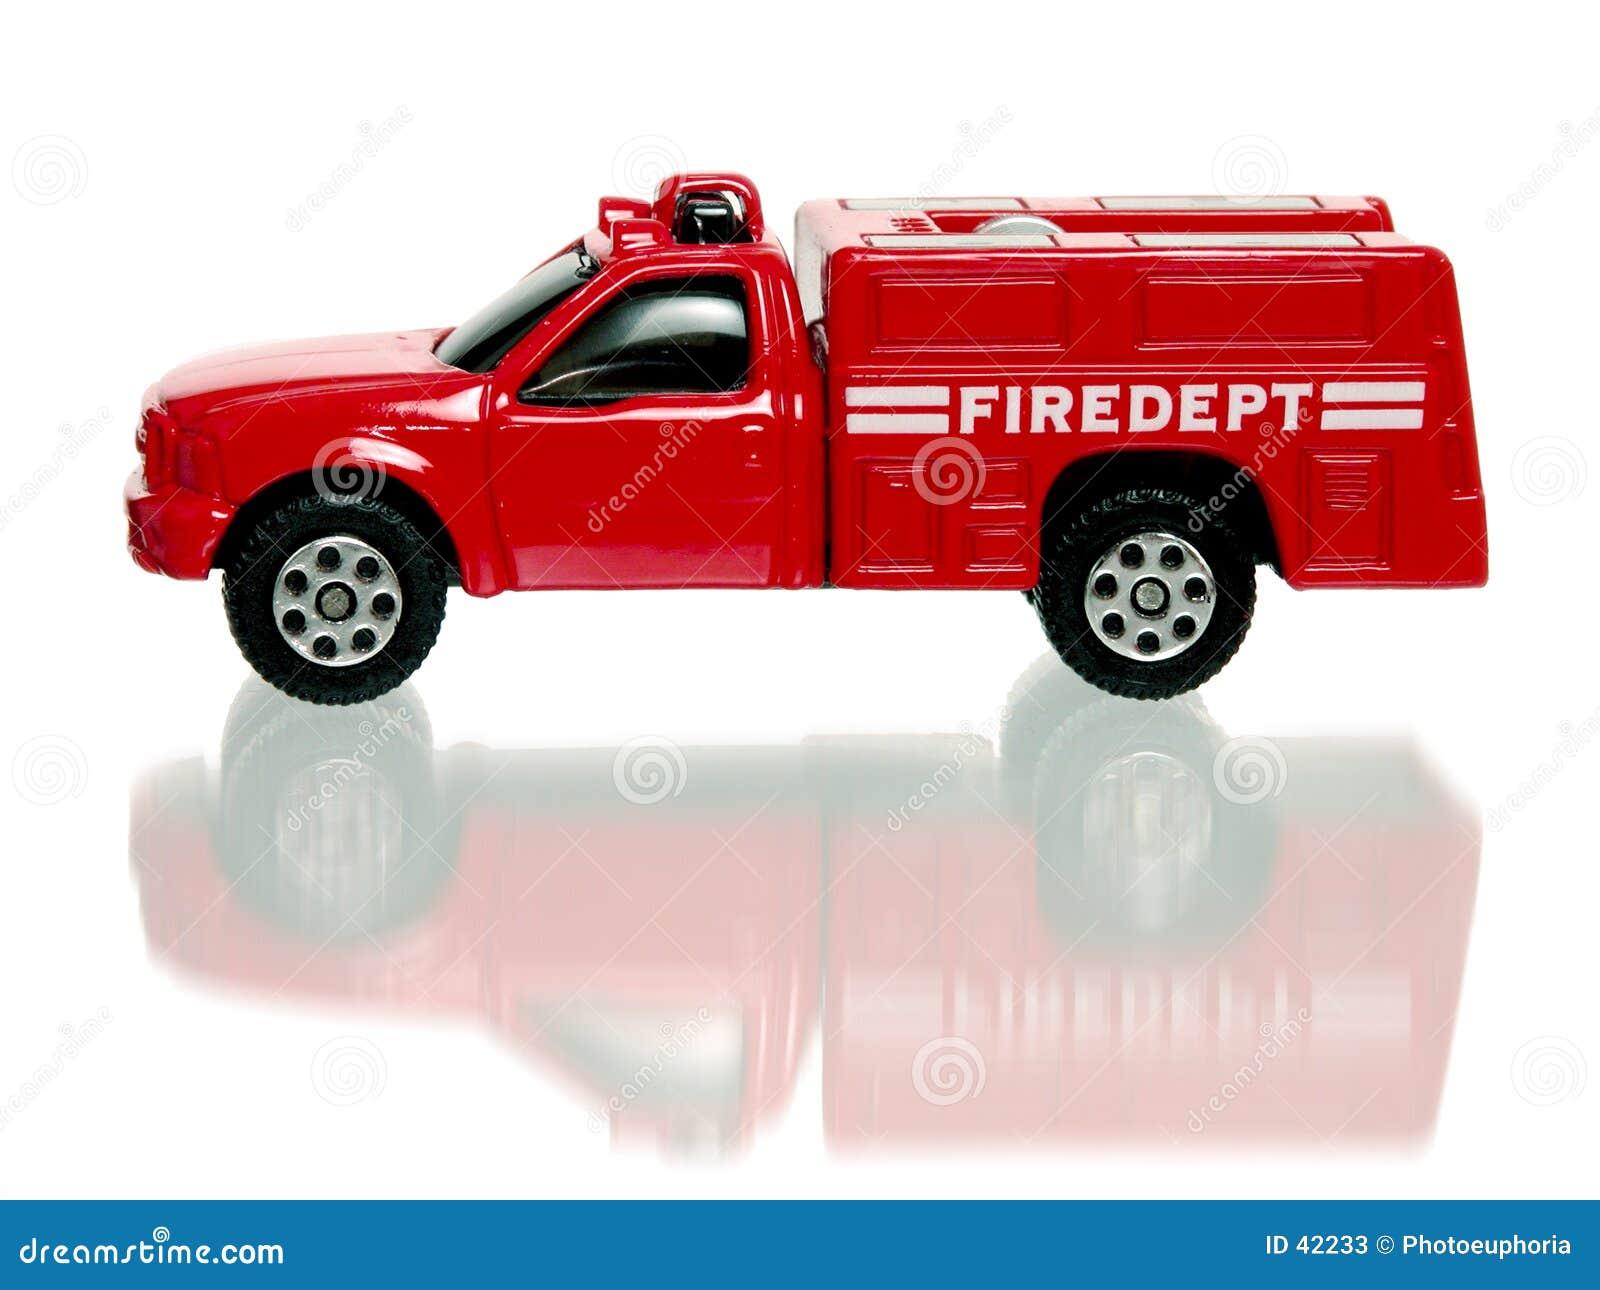 Download Firetruck Del Rojo Del Juguete Imagen de archivo - Imagen de motor, reflexión: 42233